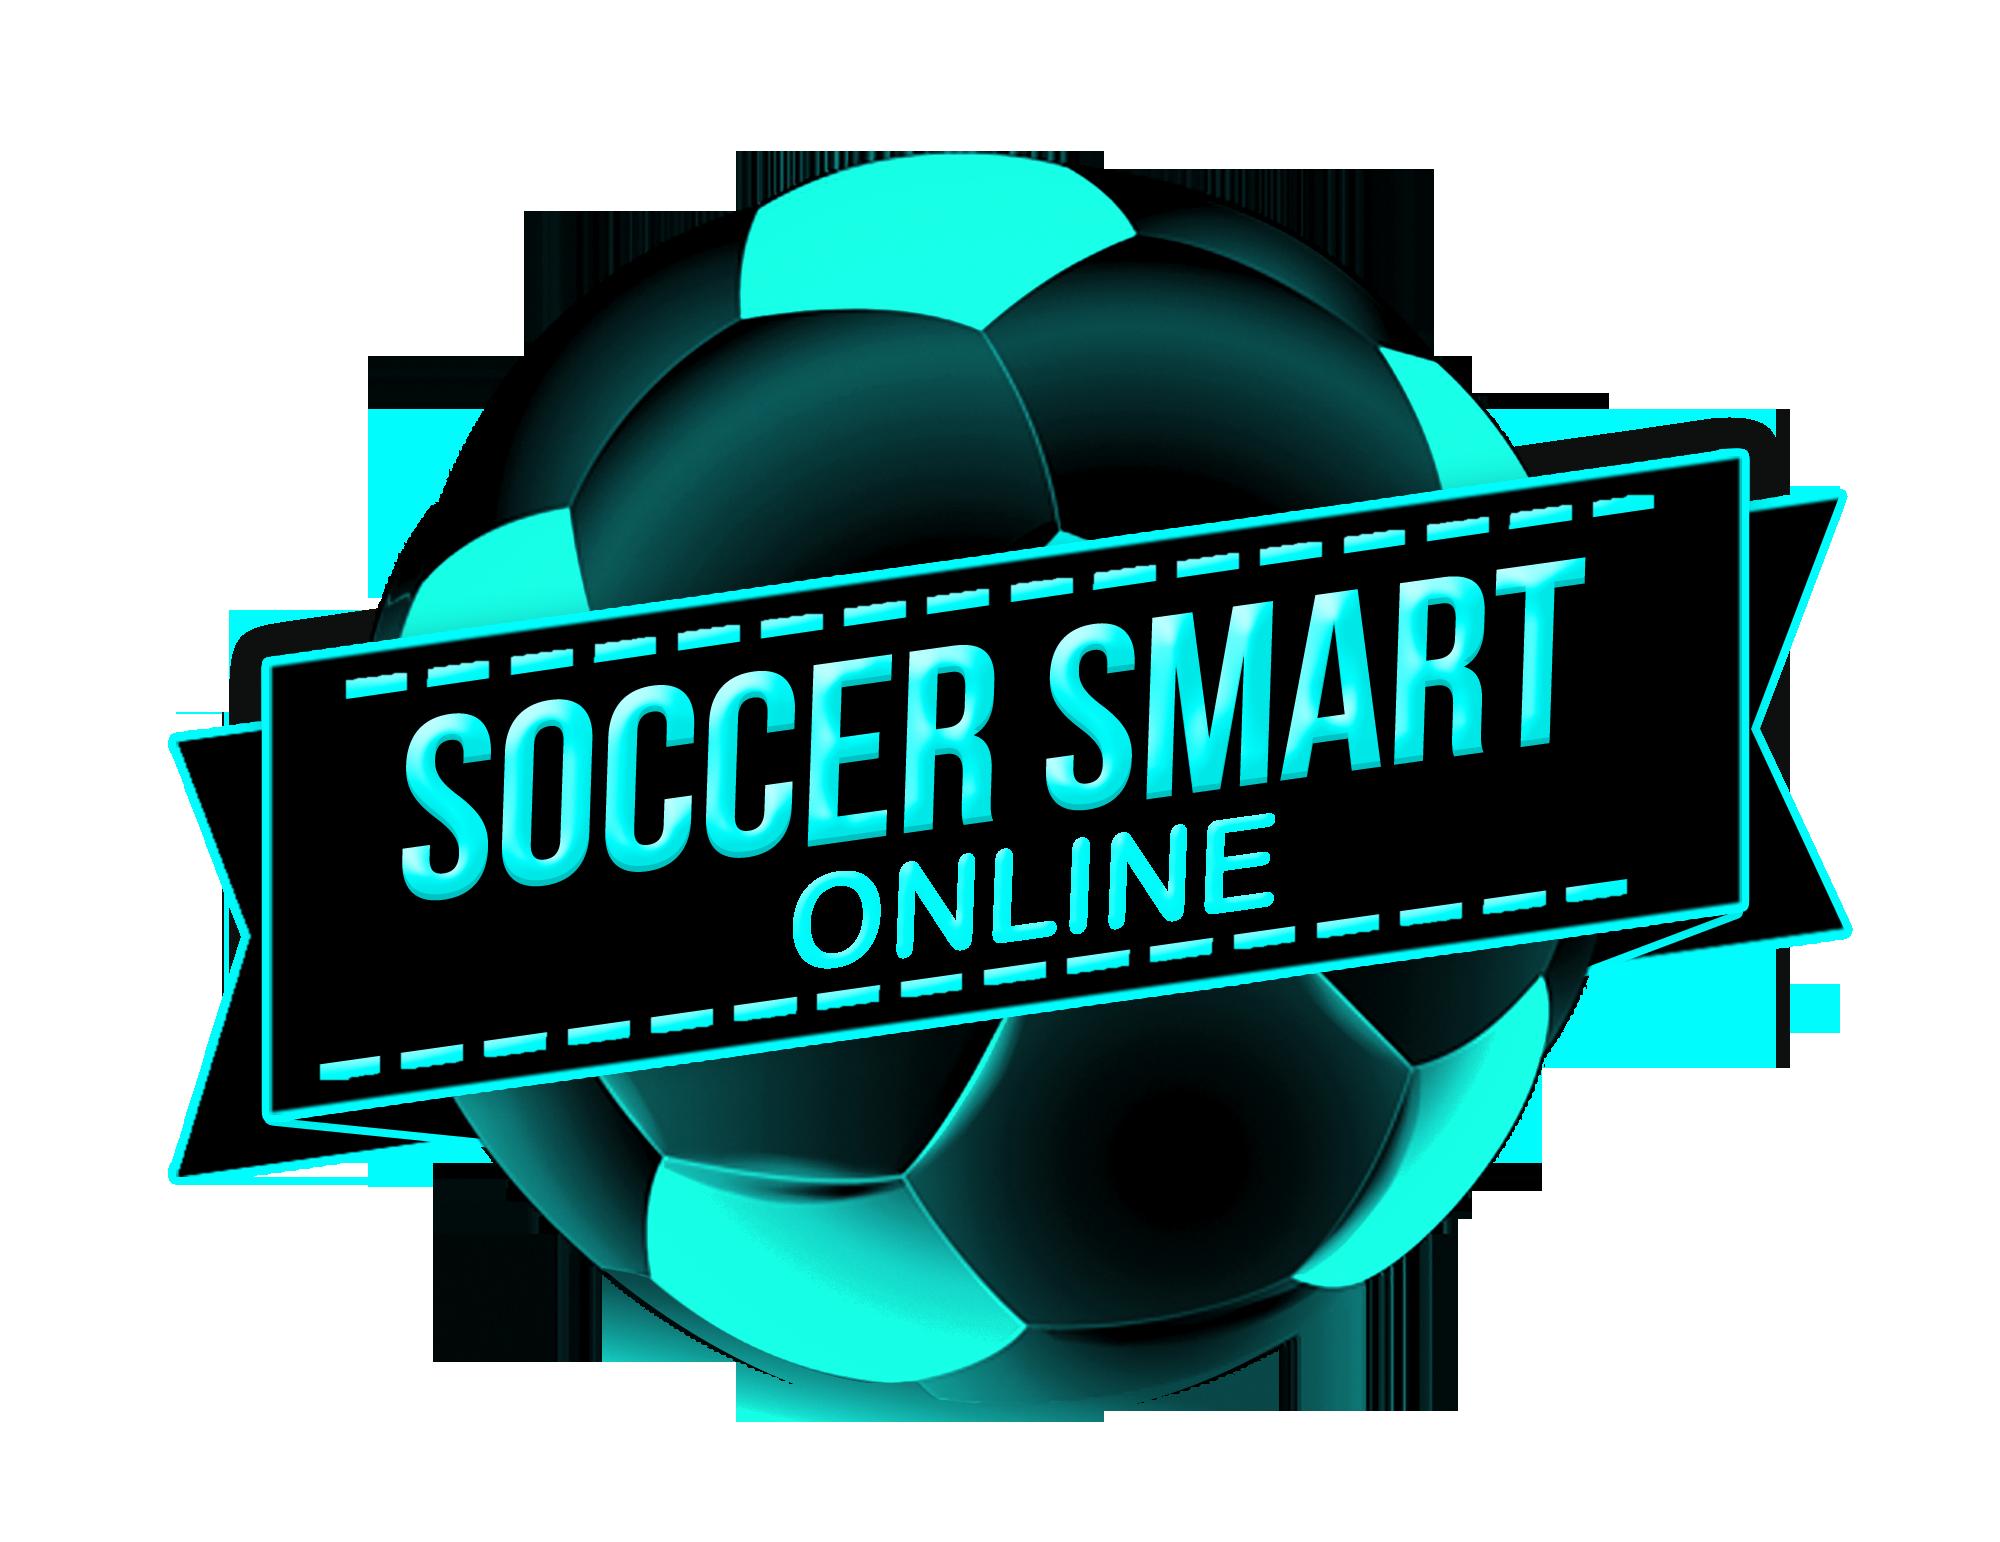 soccer_smart_online_3 (1).png